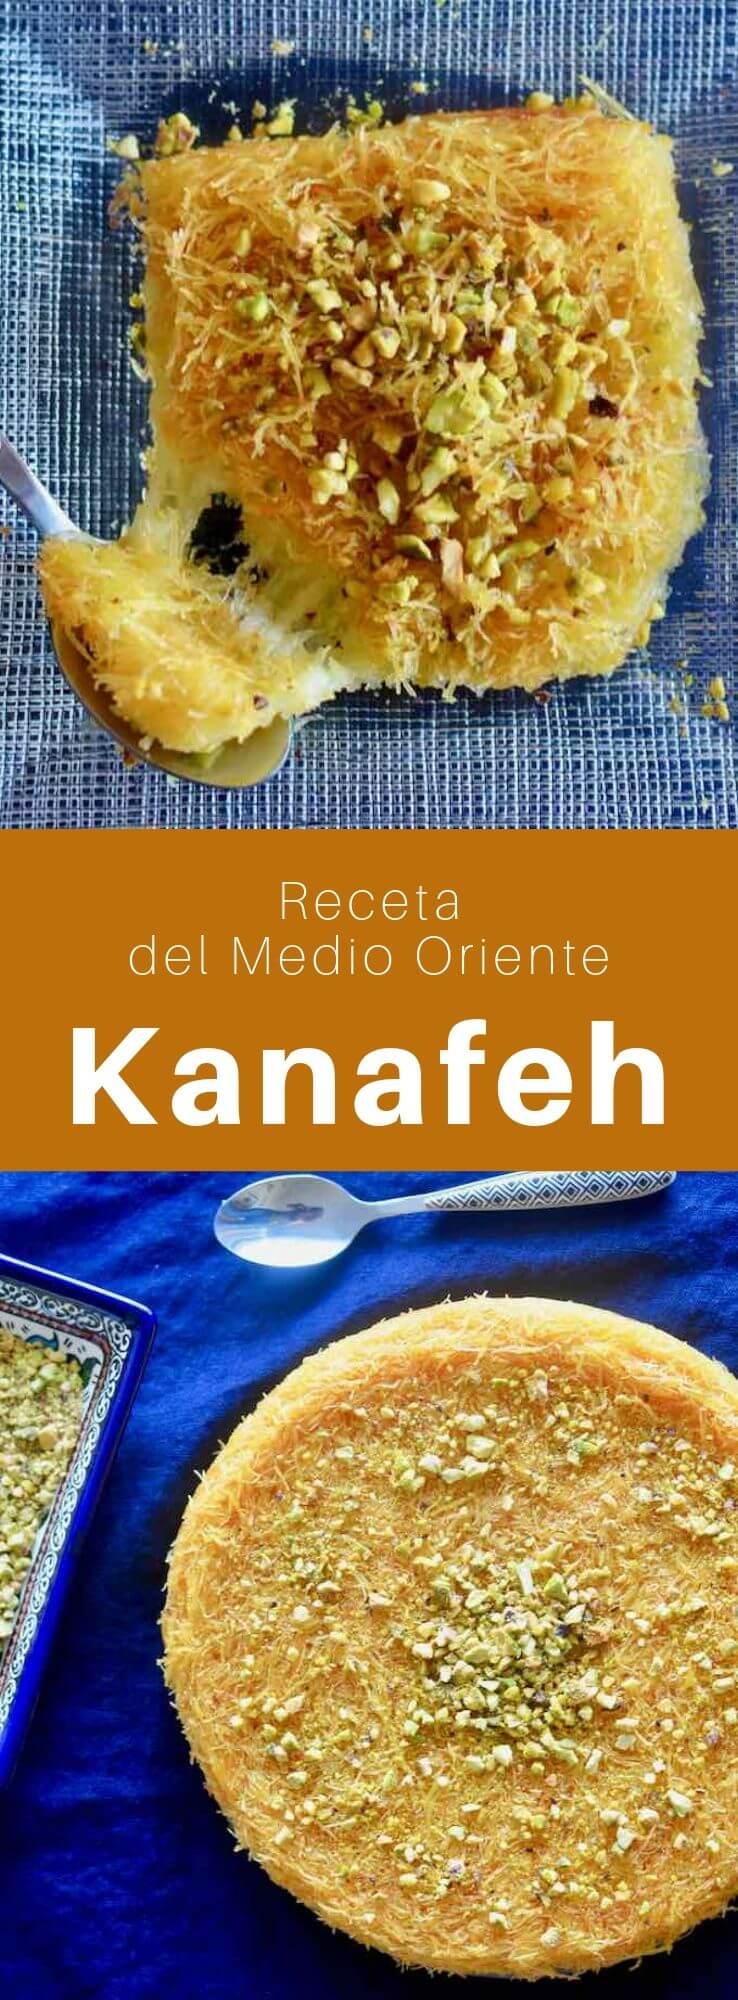 El kanafeh es un pastel típico del Medio Oriente, empapado en jarabe de agua de rosas, hecho con kadaif (cabello de ángel), queso akawi, mantequilla y pistachos o nueces.